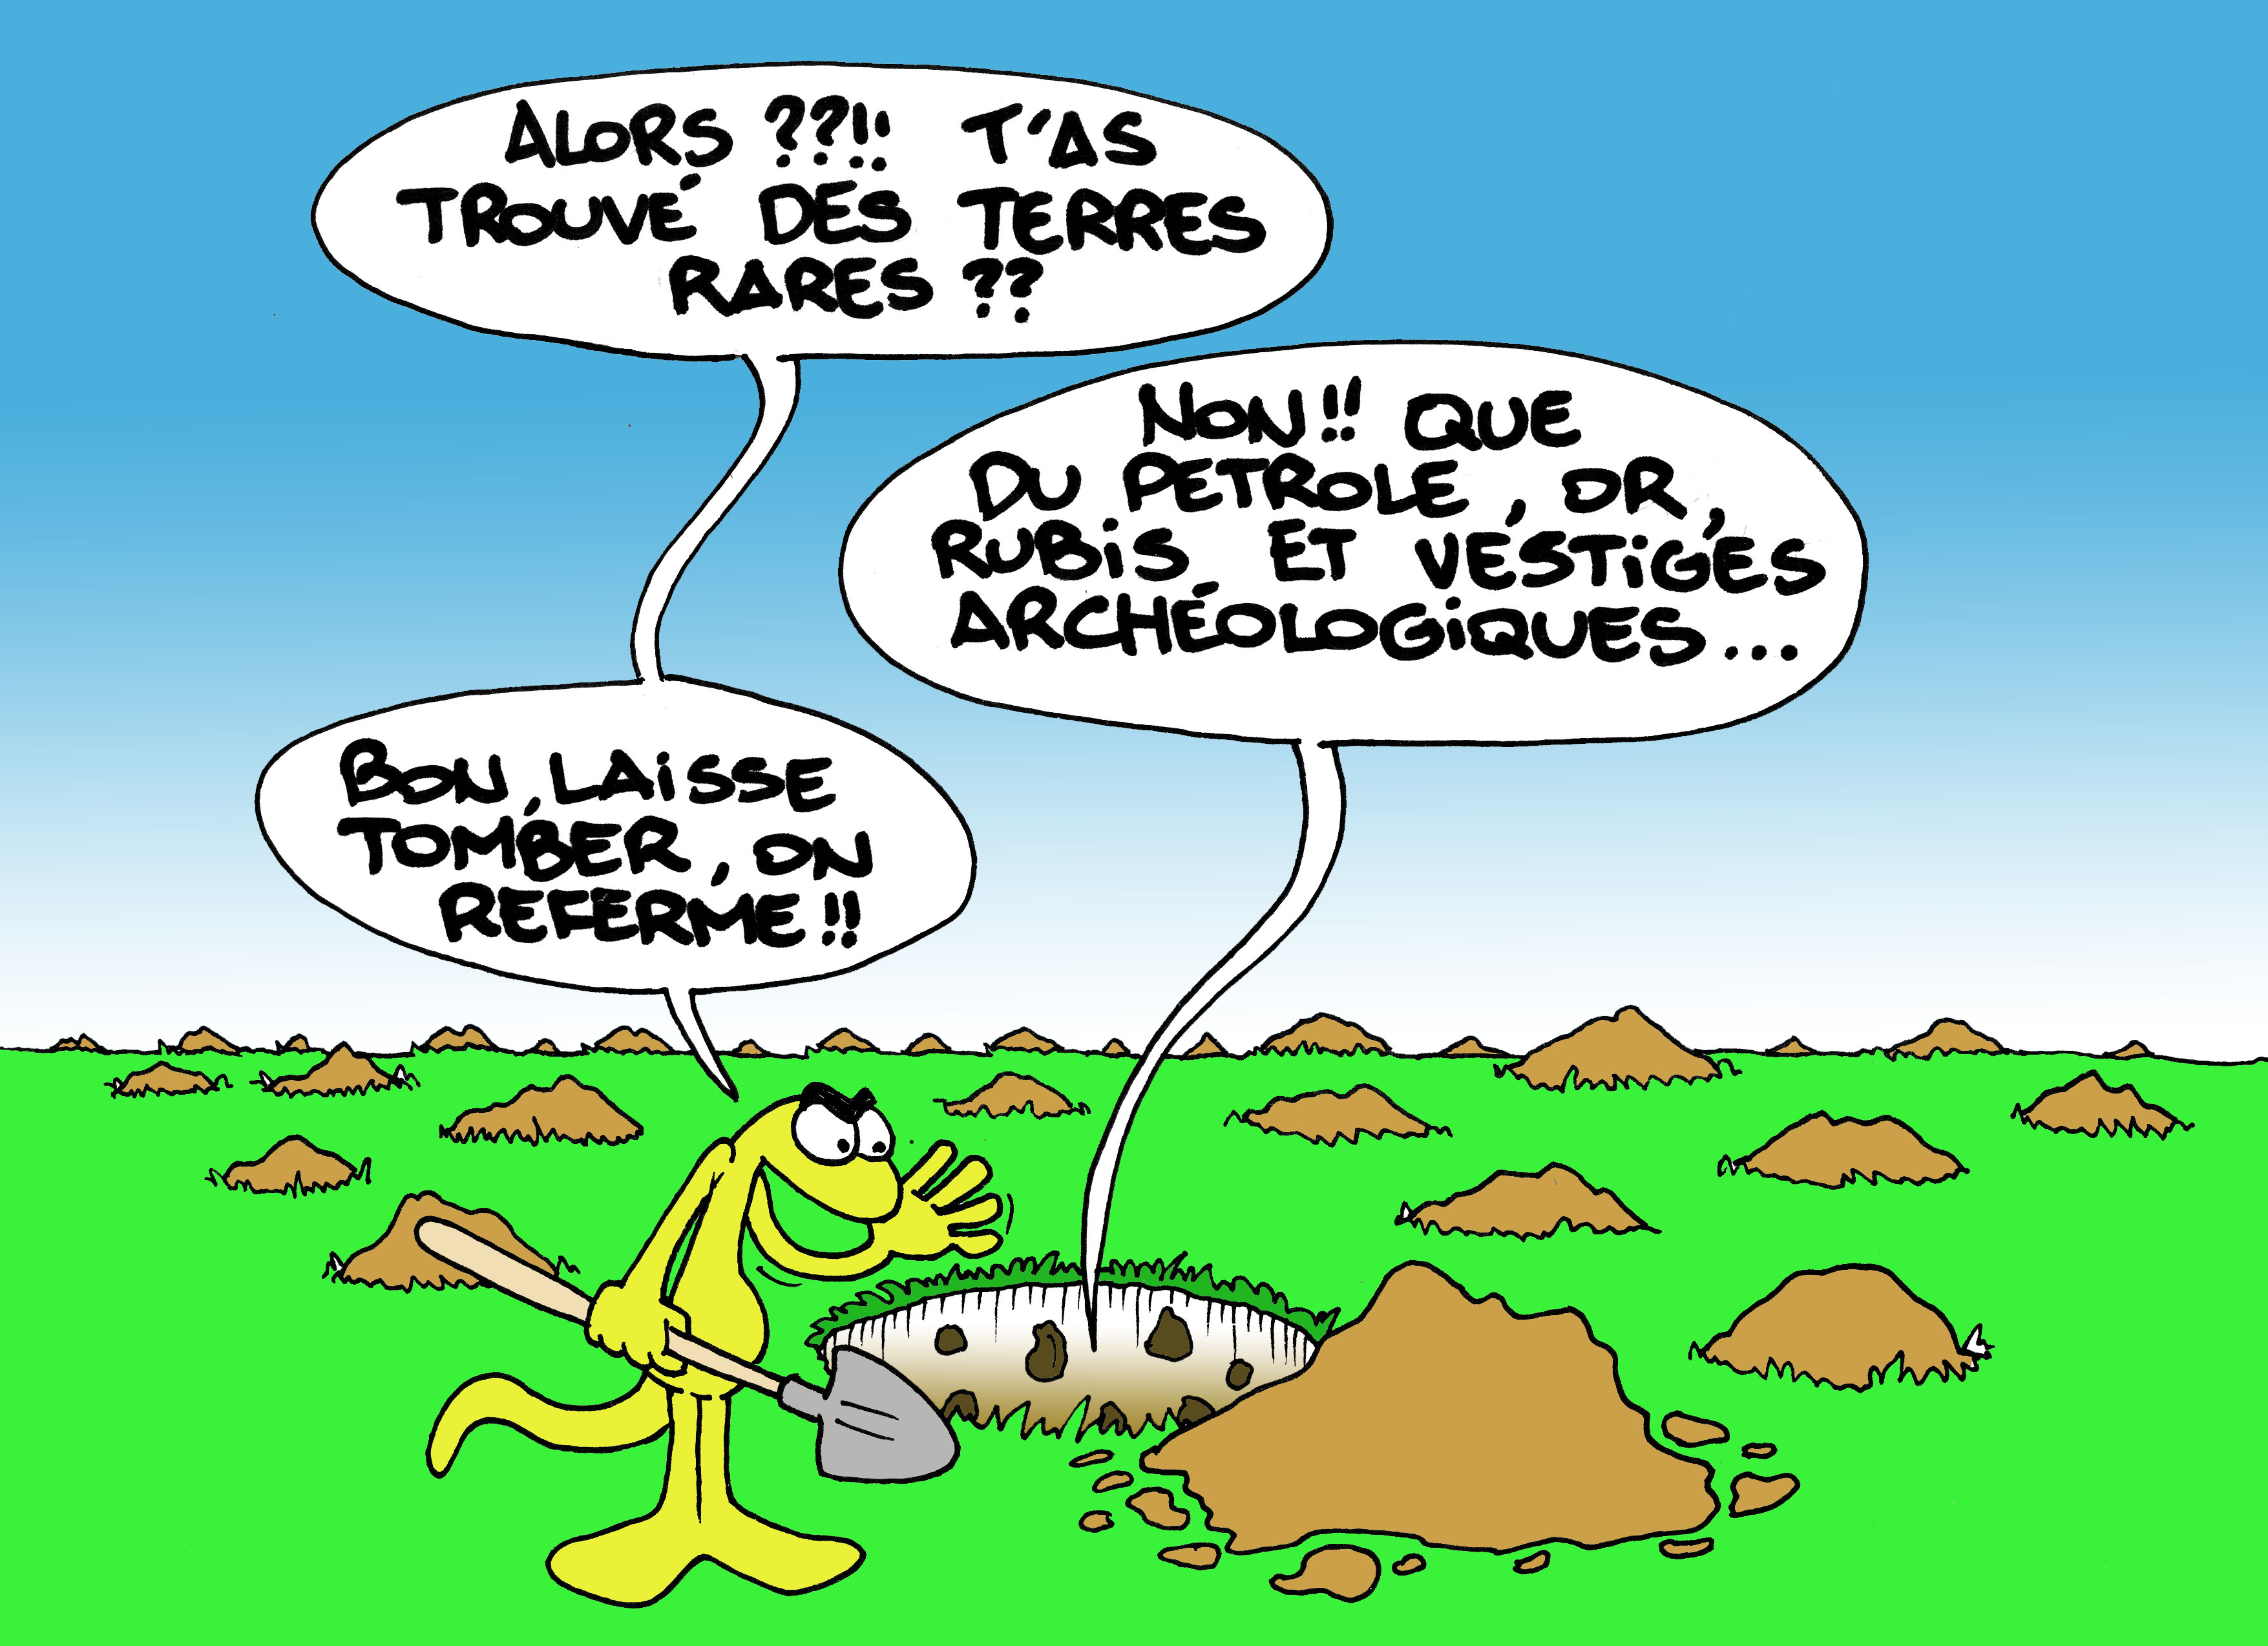 """""""Les Terres rares"""" vu par Munoz"""